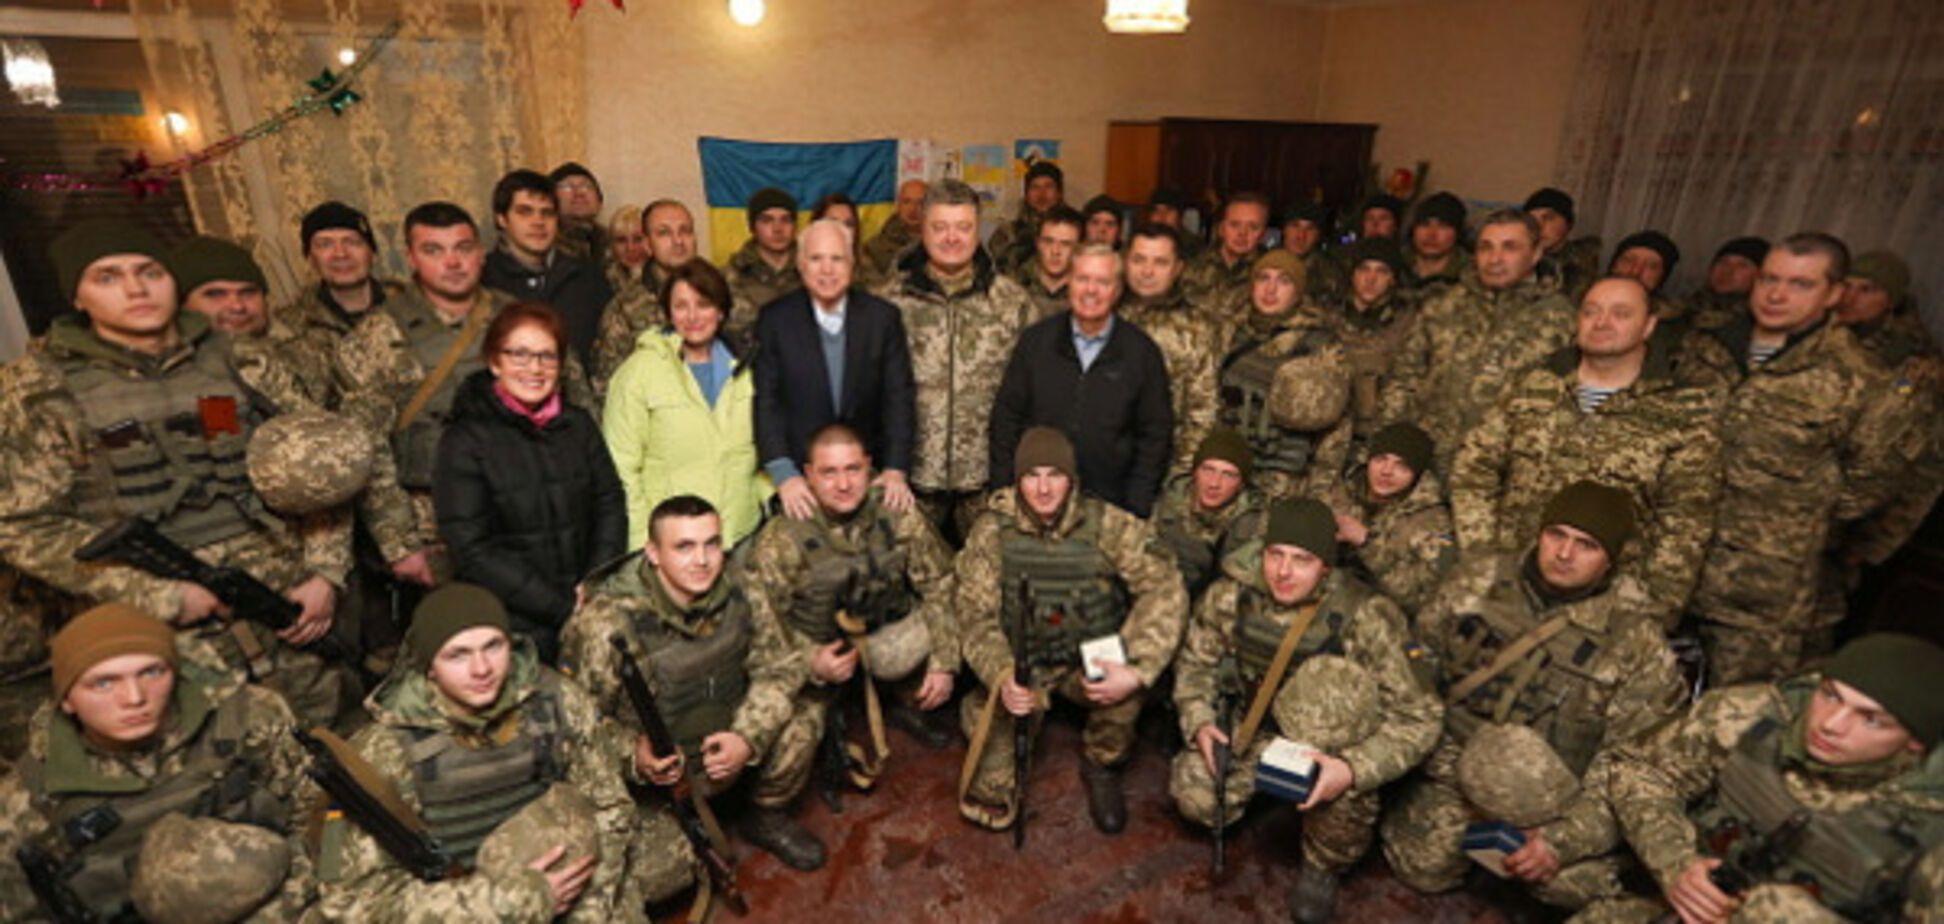 Порошенко на встрече с украинскими военными 31 декабря